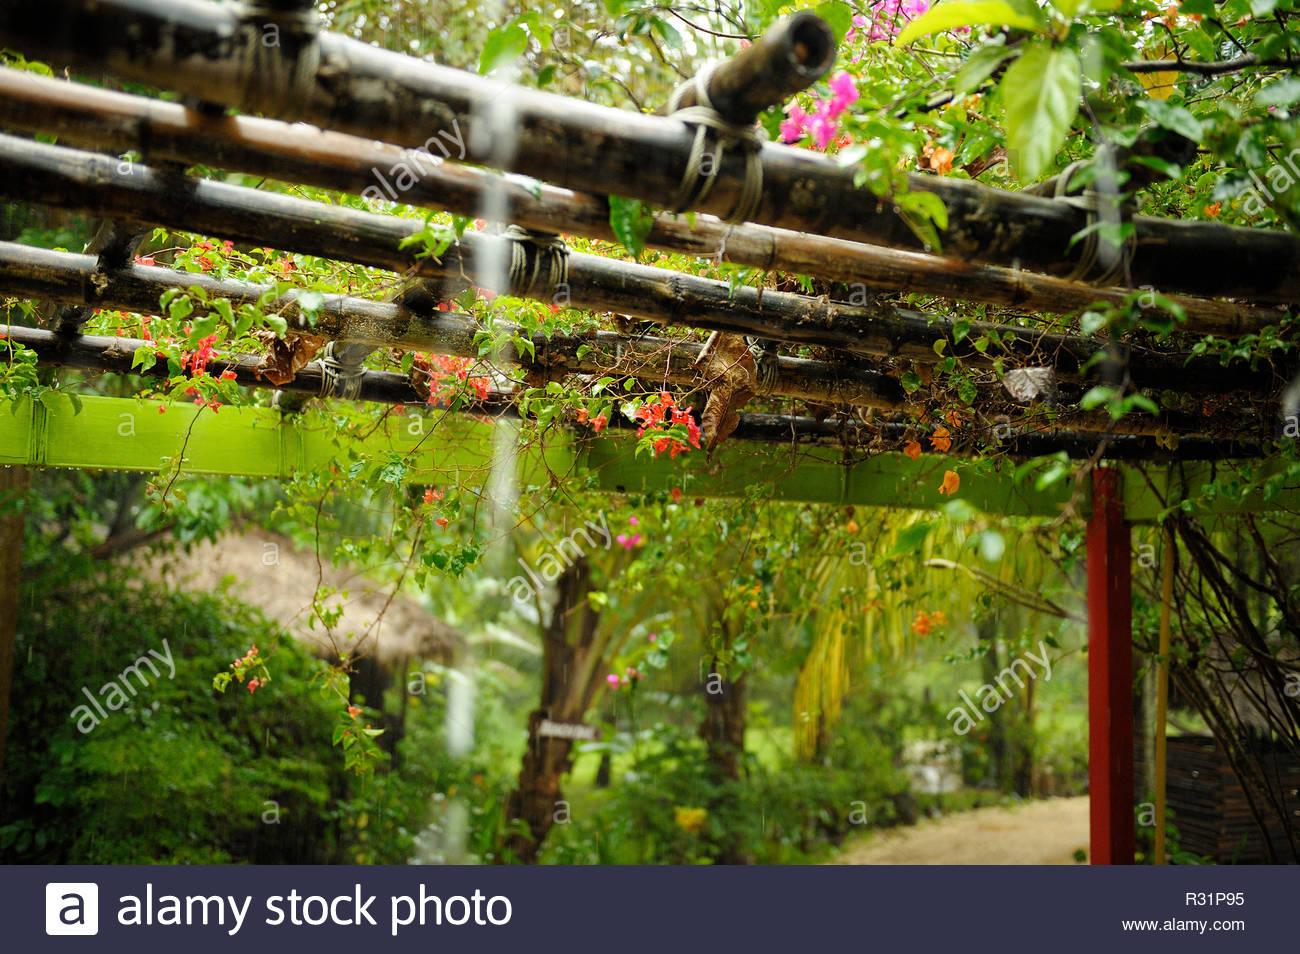 Bunte Pflanzen Wachsen Auf Bambus Pergola Unter Tropischen Regen In